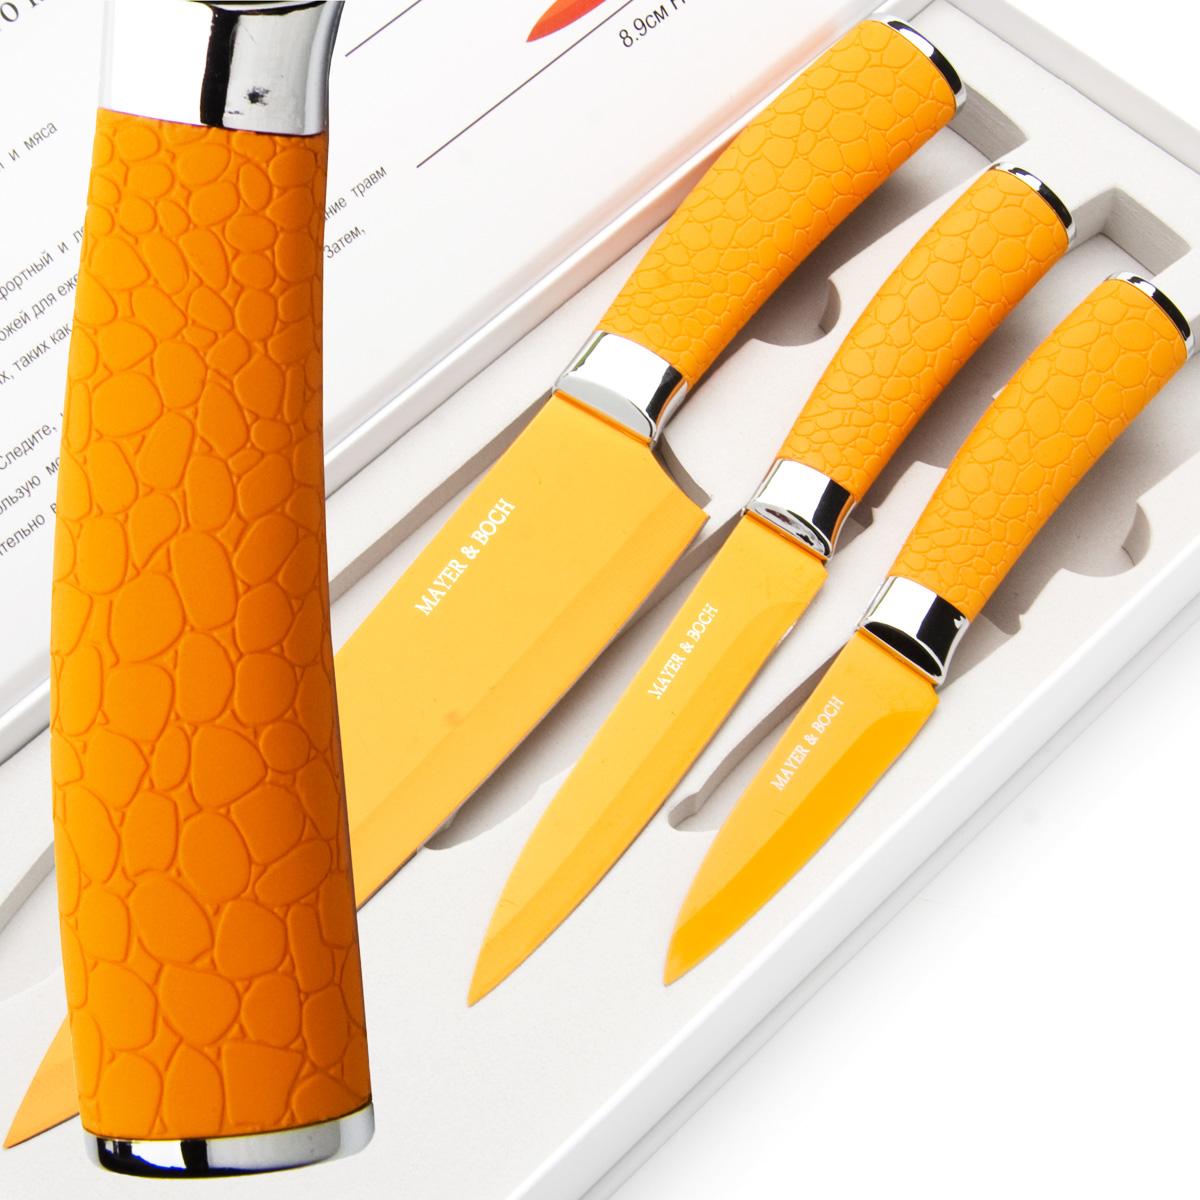 Набор ножей Mayer & Boch, цвет: оранжевый, 3 шт. 2414624146Набор ножей Mayer & Boch состоит из 3 ножей: нож поварской, нож универсальный и нож для очистки. Ножи выполнены из нержавеющей стали, ручки из полипропилена. Оригинальный набор ножей великолепно украсит интерьер кухни и станет замечательным помощником. Можно мыть в посудомоечной машине. Длина лезвия поварского ножа: 20,3 см. Общая длина поварского ножа: 33 см. Длина лезвия универсального ножа: 12,7 см. Общая длина универсального ножа: 24 см. Длина лезвия ножа для очистки: 8,9 см. Общая длина ножа для очистки: 20 см.